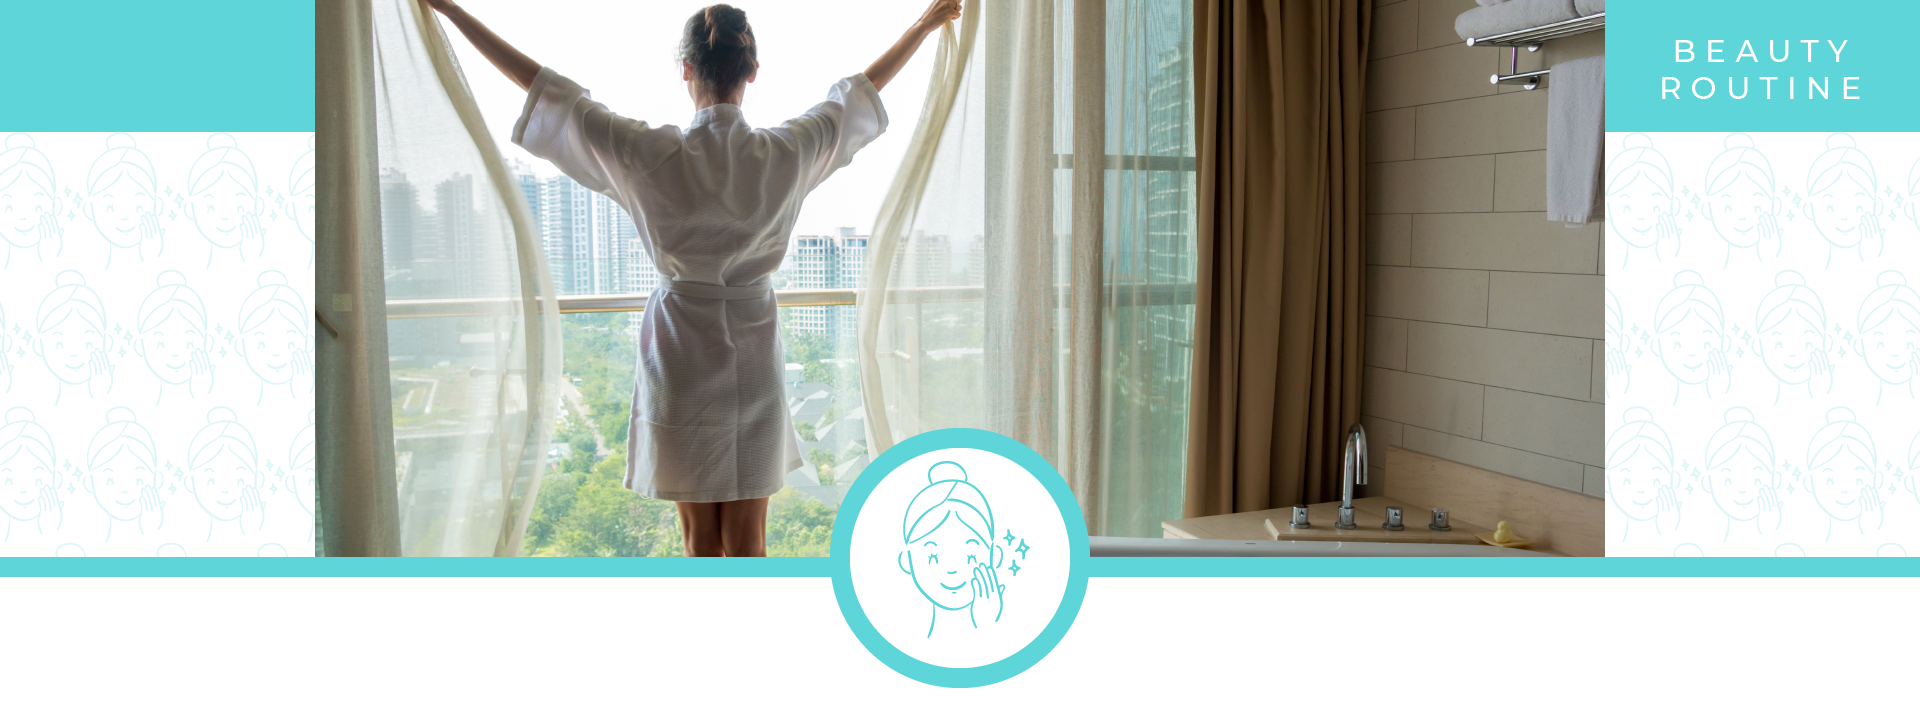 Beauty routine viso post vacanze: come disintossicare la pelle